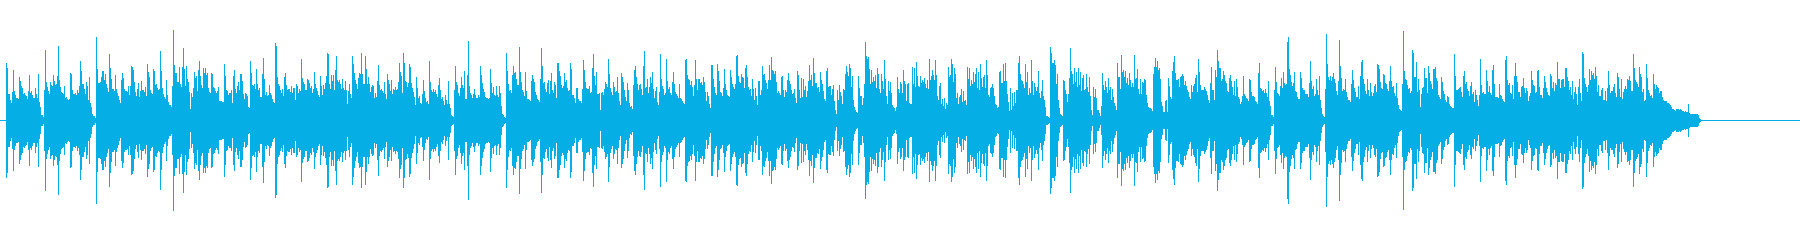 地味な作業シーン向きアコギBGMの再生済みの波形